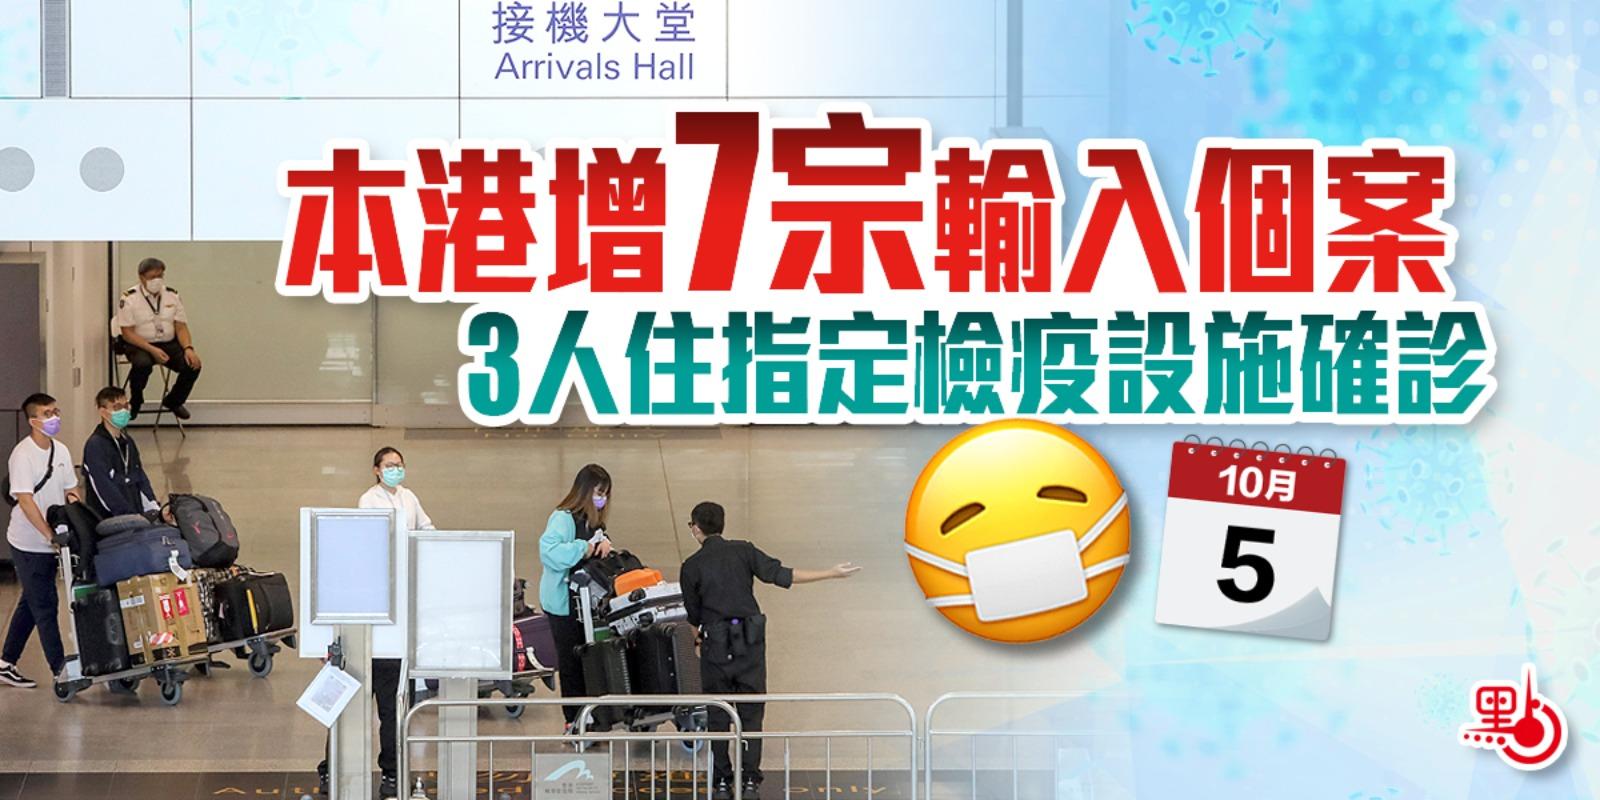 本港增7宗輸入個案 3人入住指定檢疫設施確診